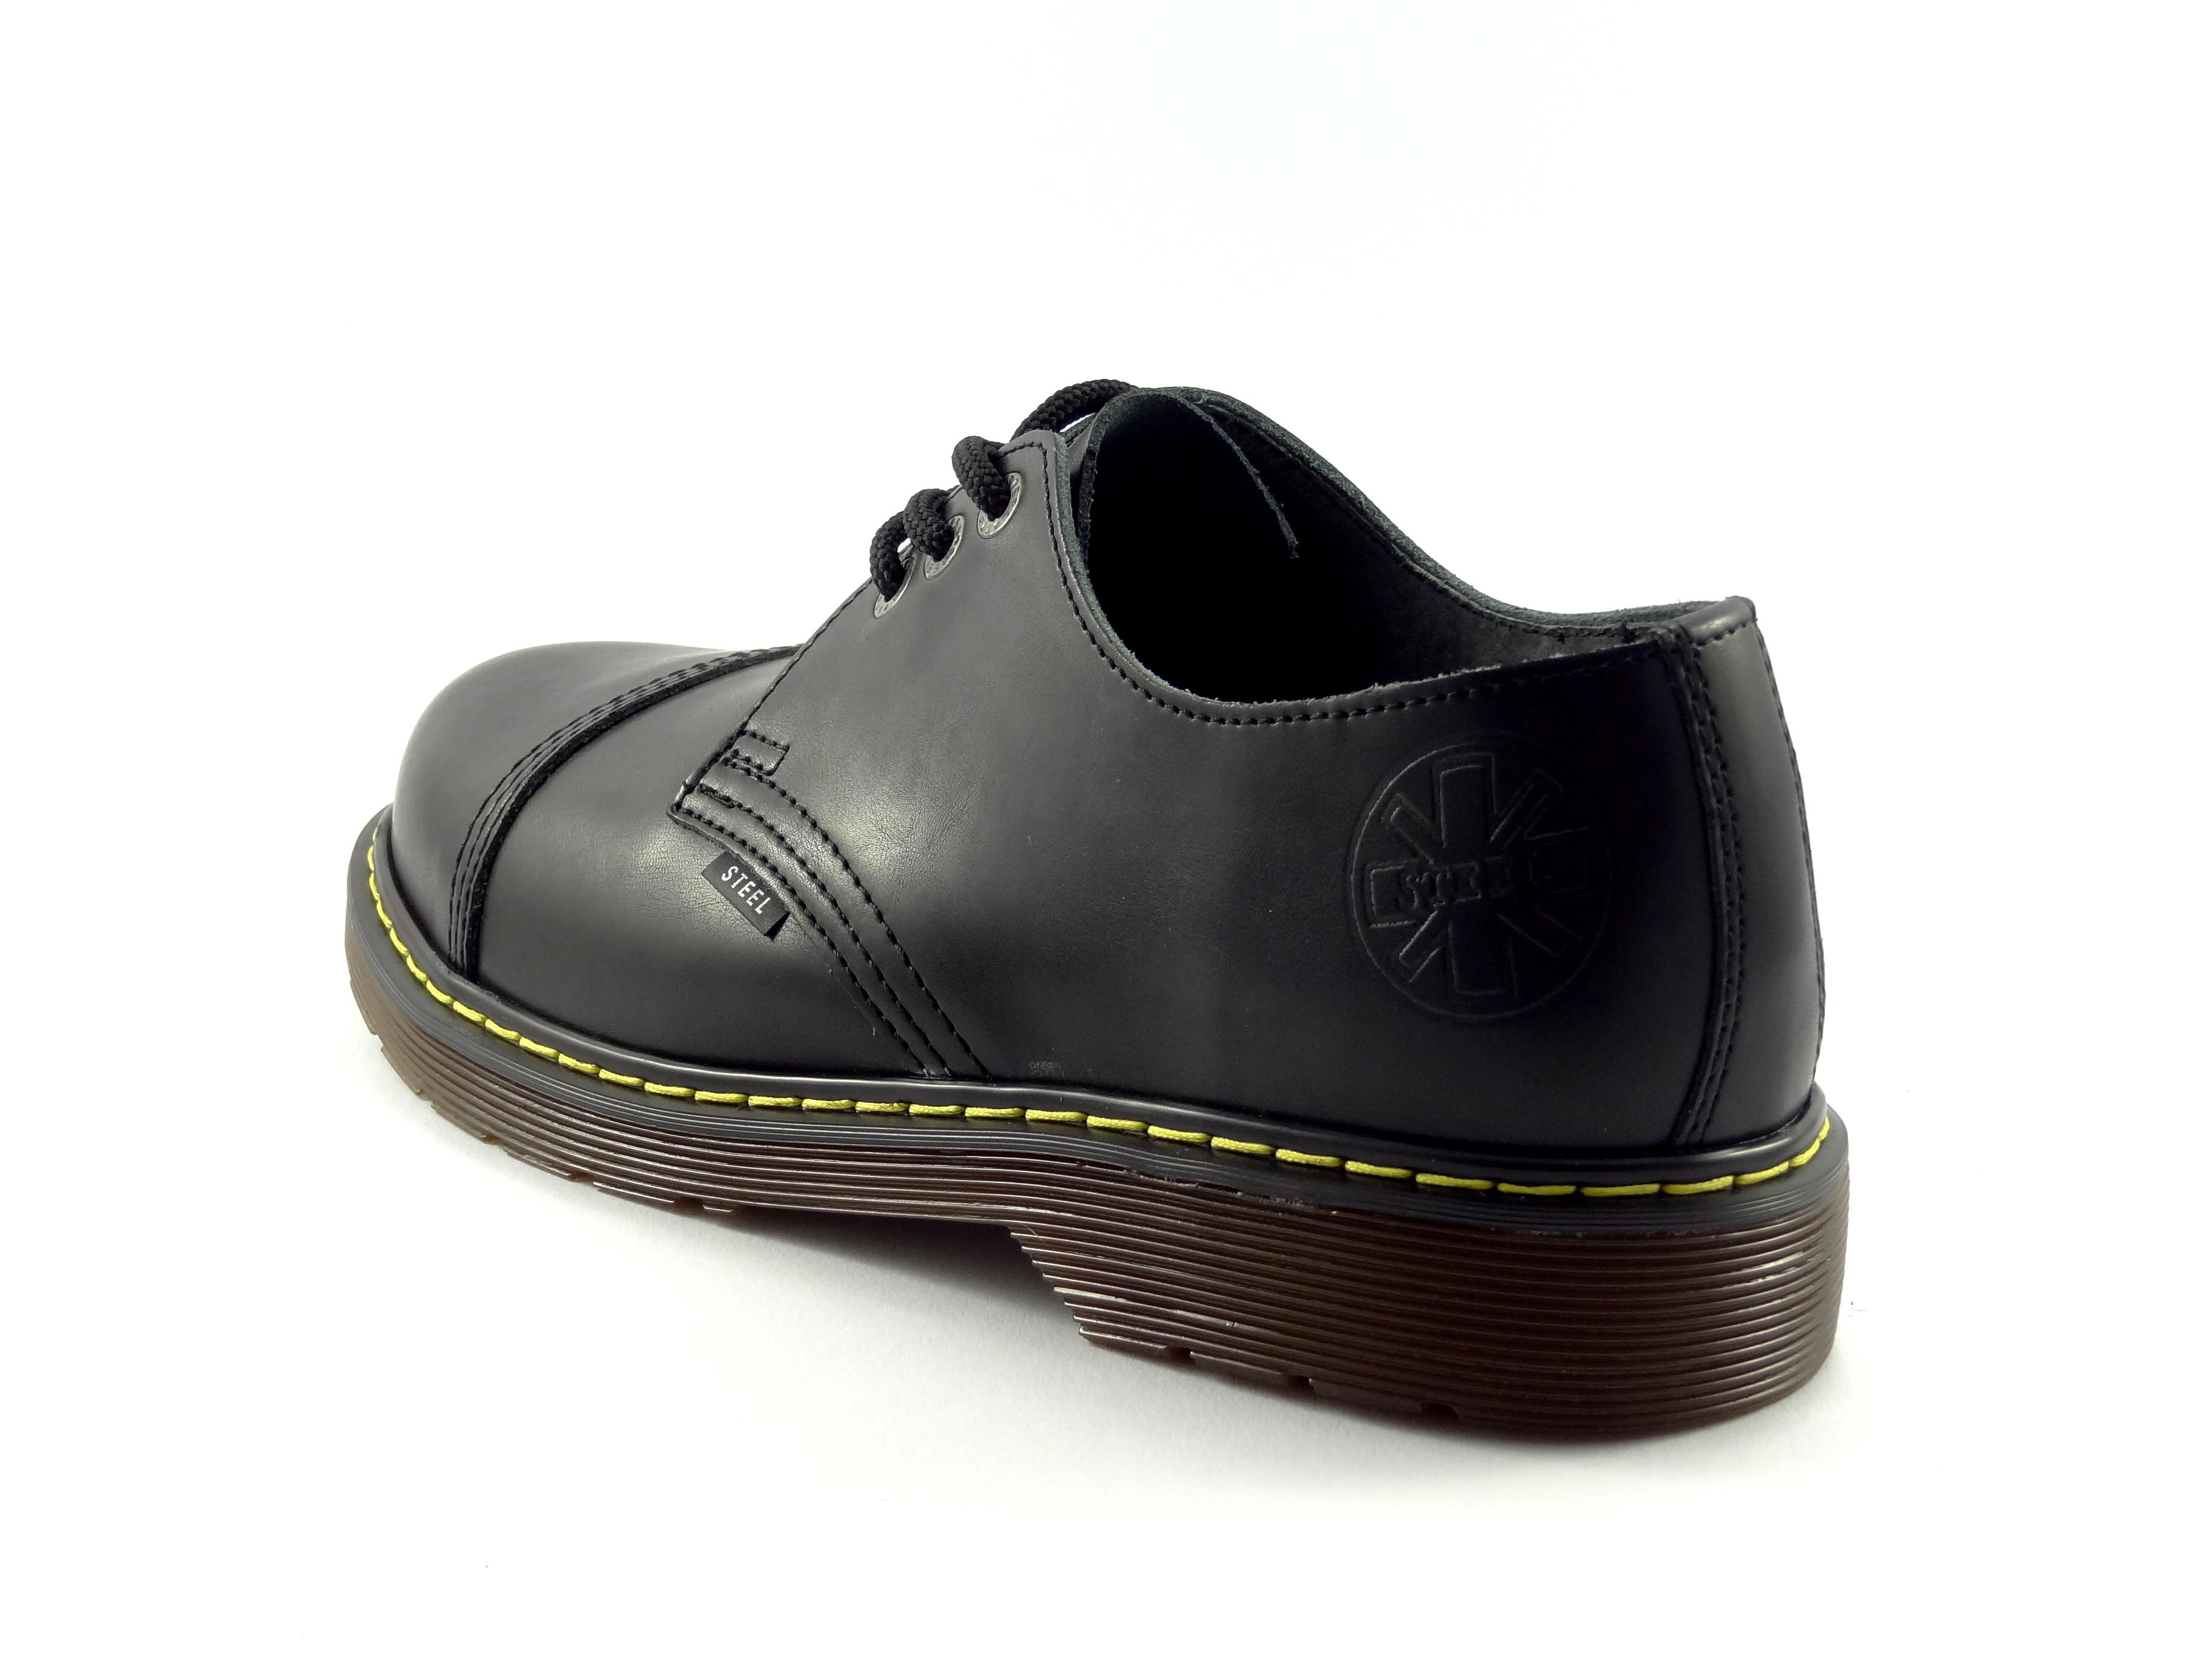 V druhém řádku - první dva obrázky - pánská obuv bez ocelové špičky Ken.  Ostatní modely v dámské velikosti. 53e28649be